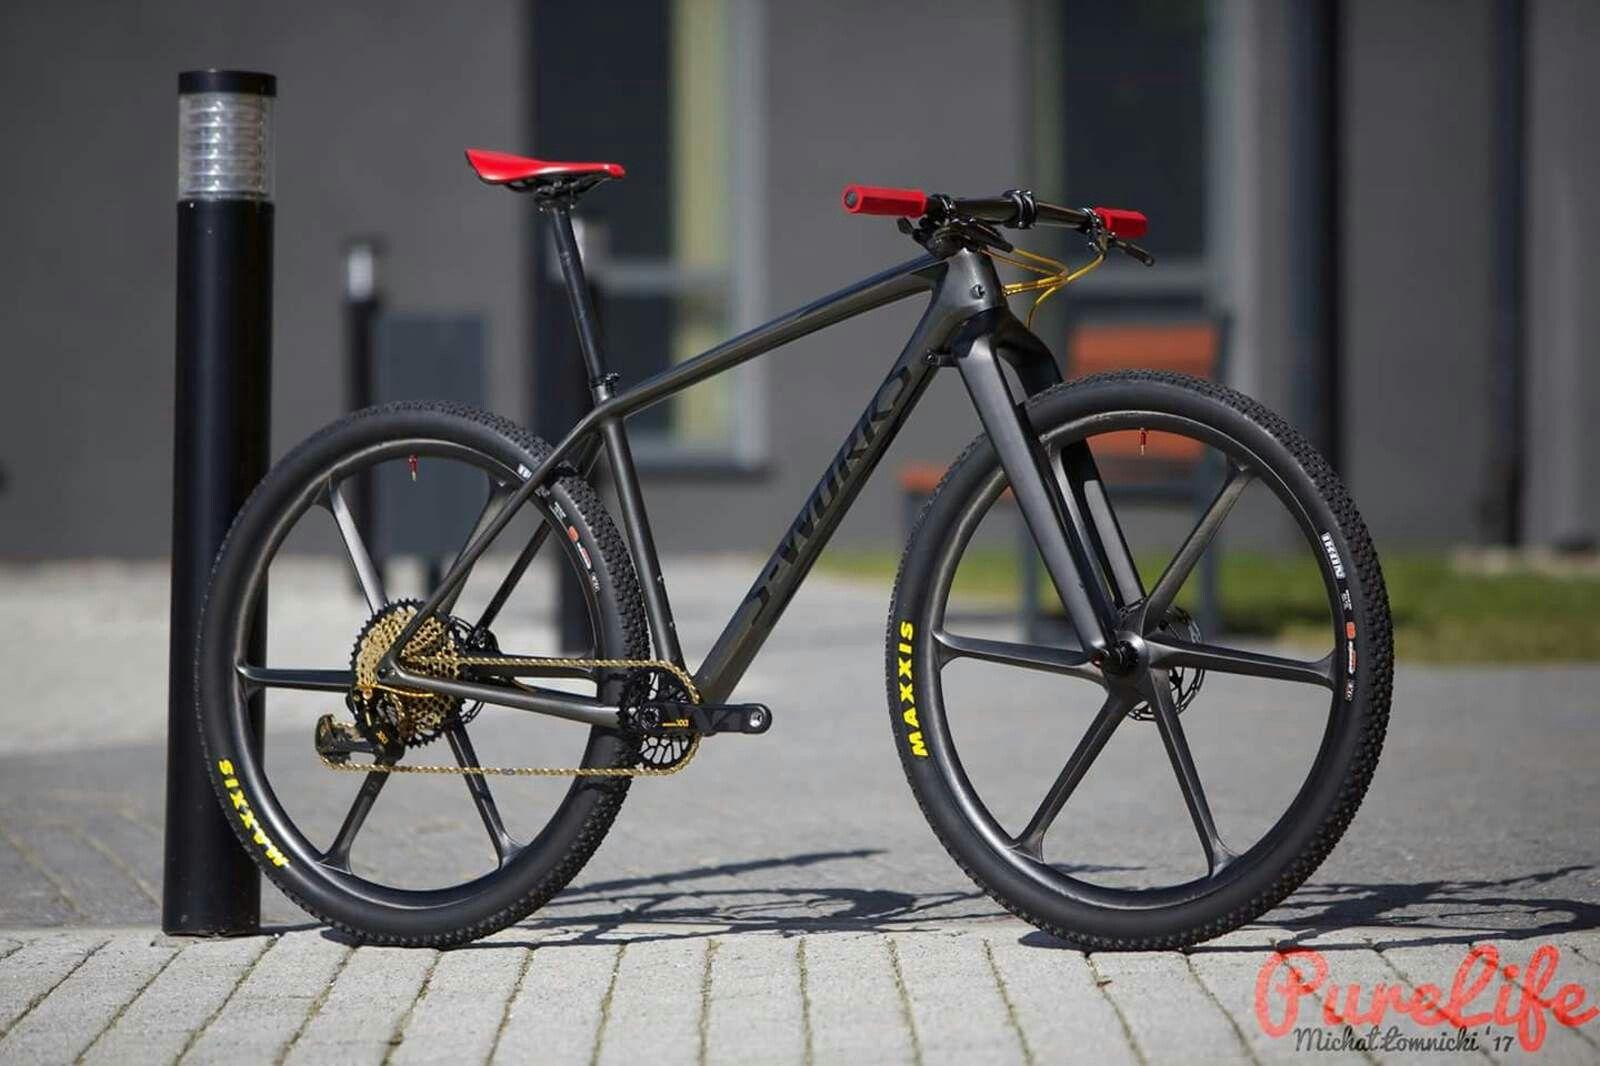 Specialized sworks Xc mountain bike, Bmx bikes, Mtb bike